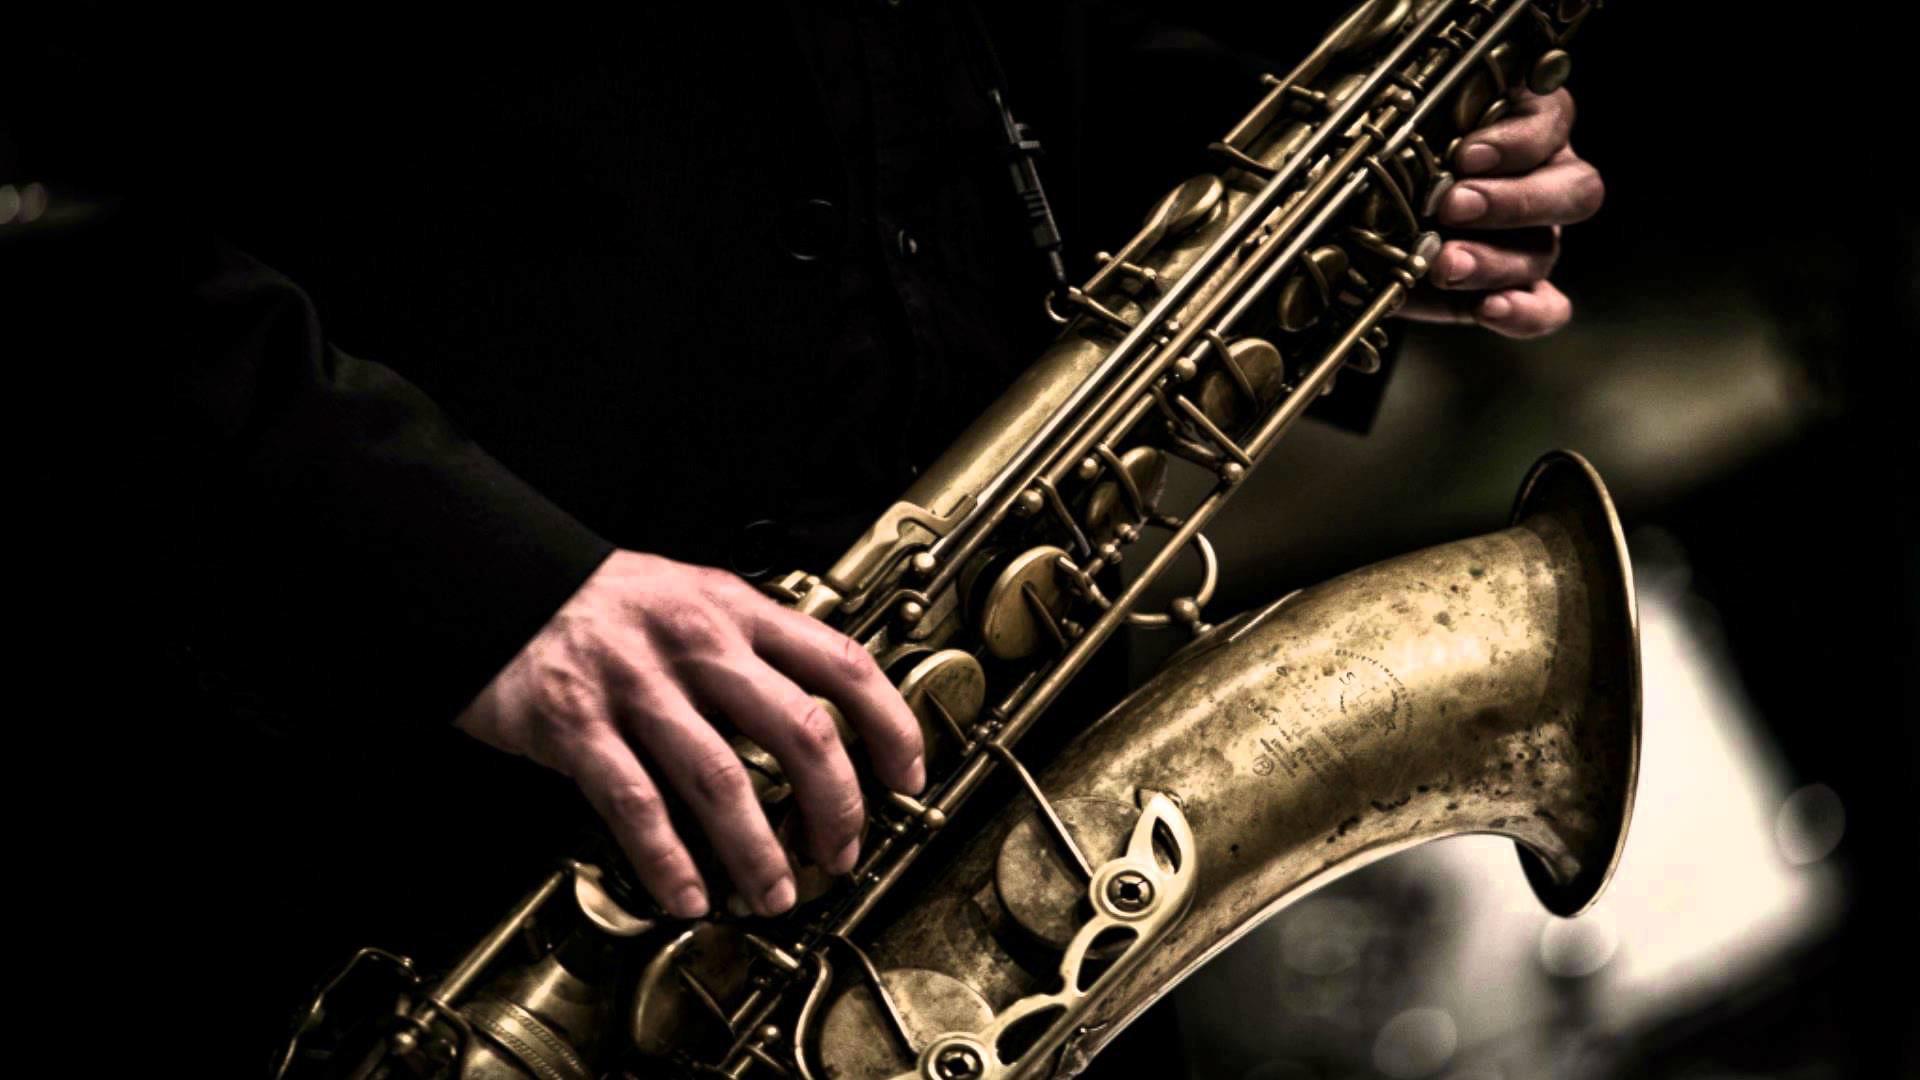 Багато саксу не буває: голлівудський композитор у Вінниці диригуватиме Ukrainian Saxophone Ensemble